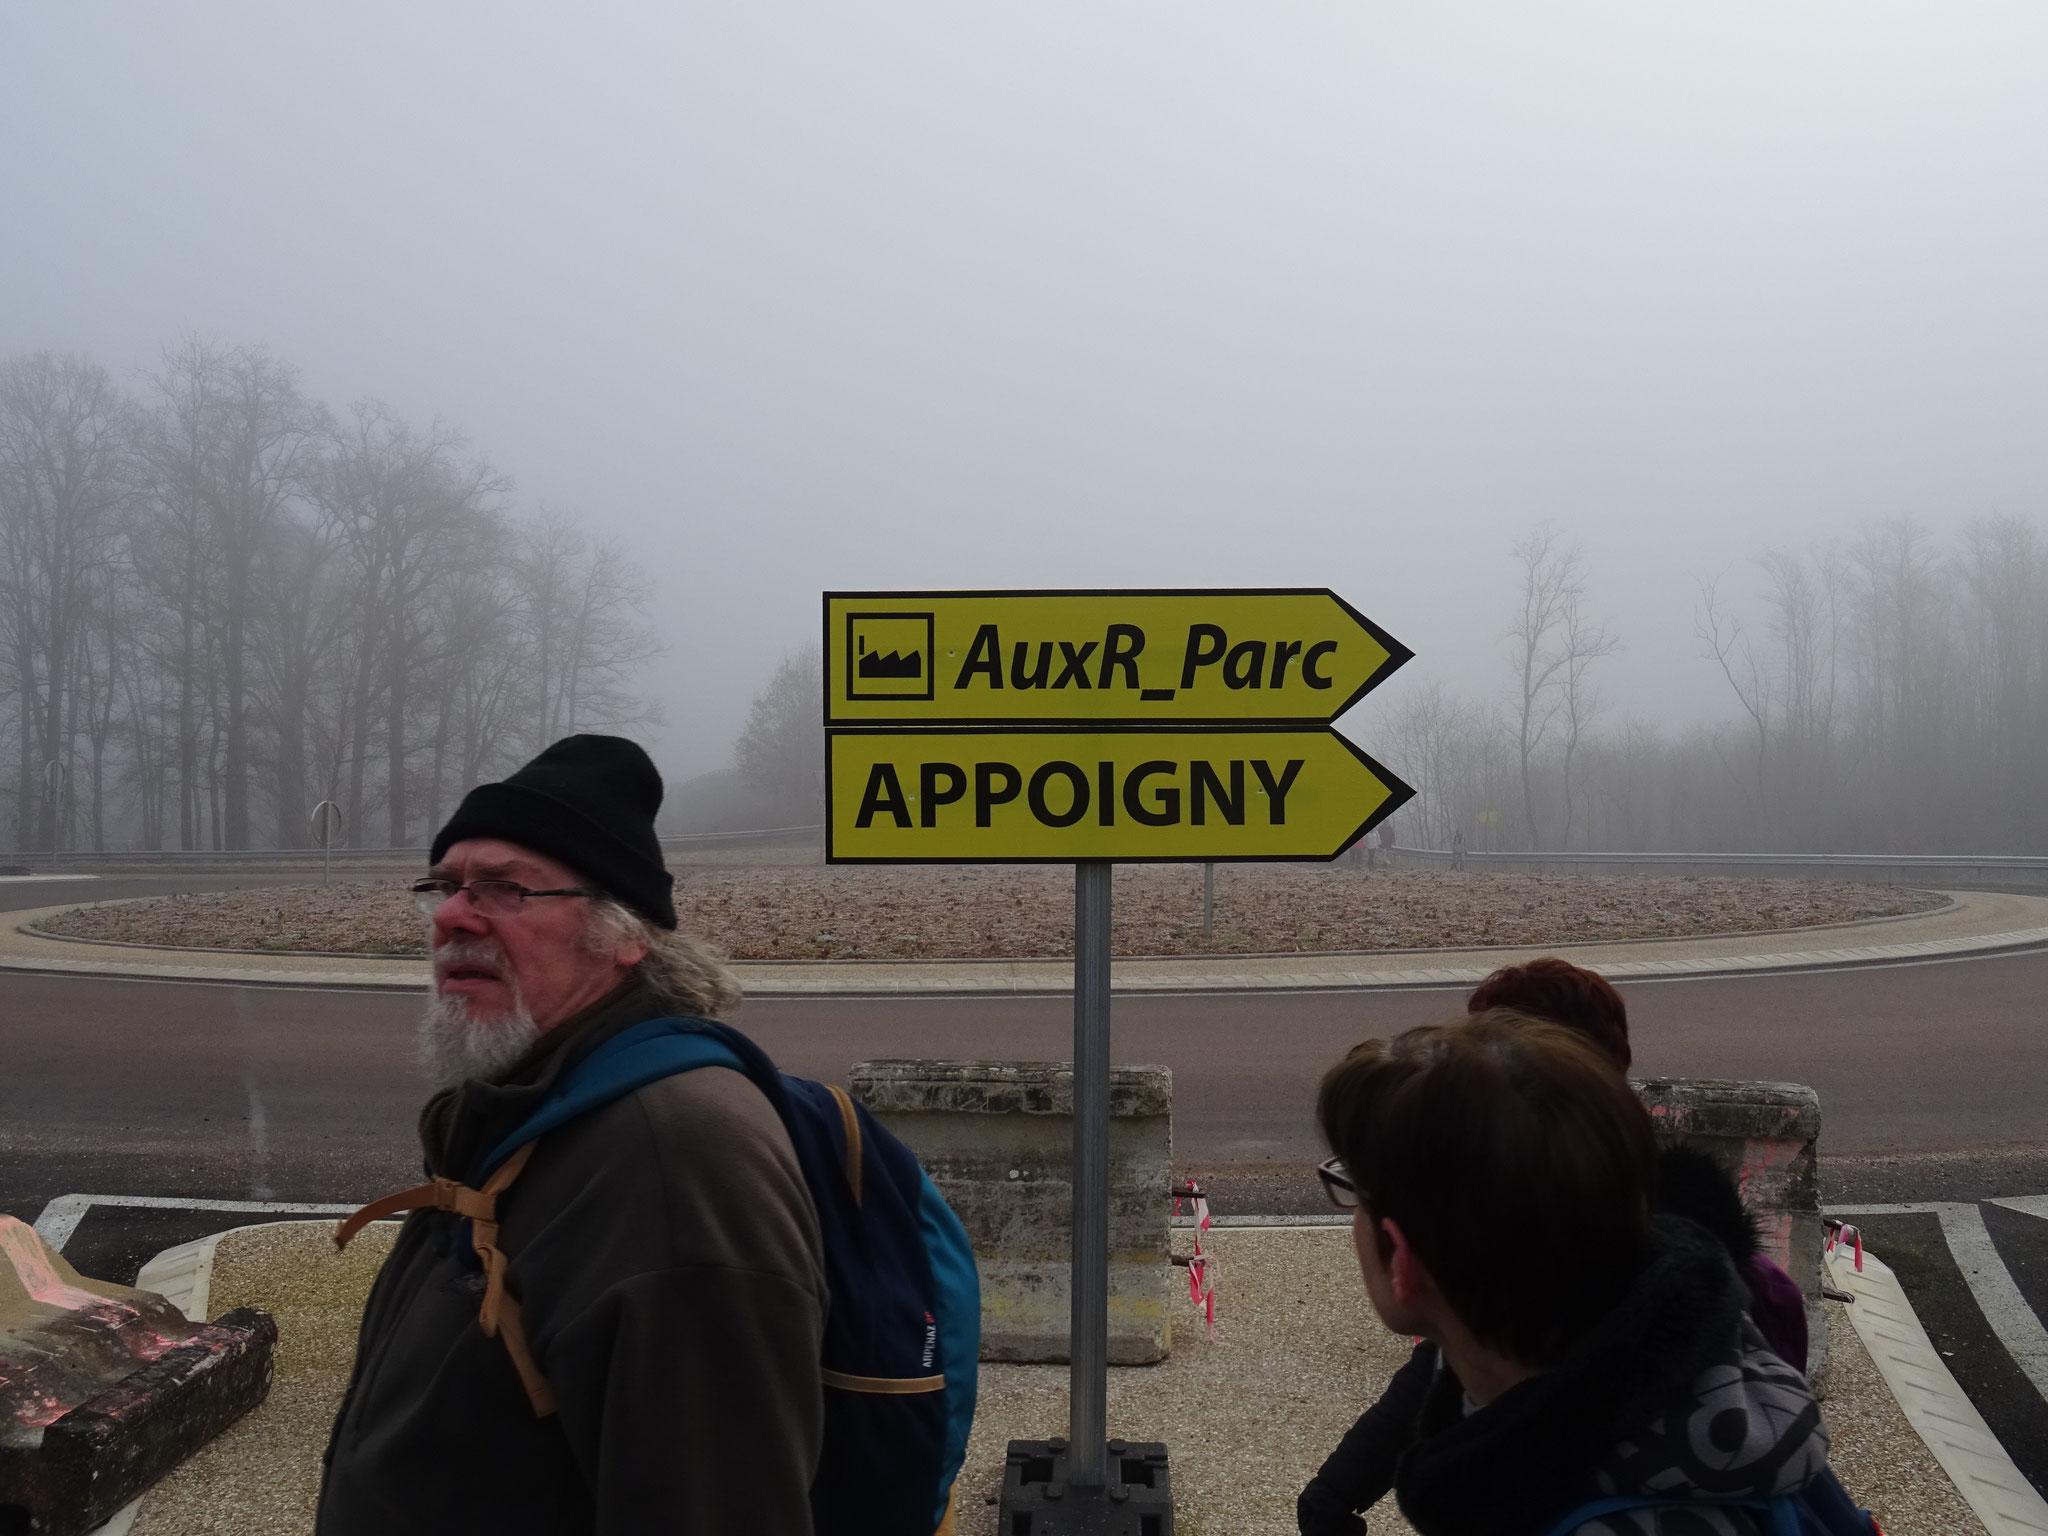 AuxR-Parc